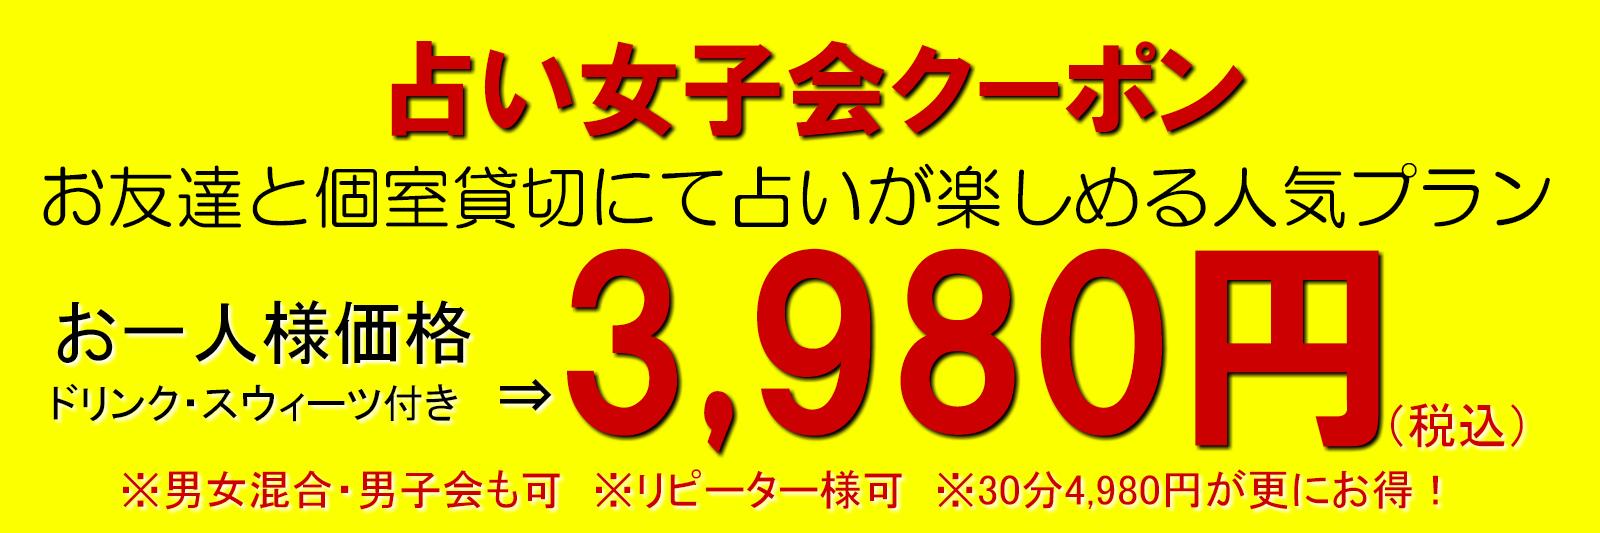 占い女子会クーポンをご利用いただければ、20分3980円・30分4980円にて占い女子会を開催していただくことが可能です。男女混合・男子会としてもご利用頂けます